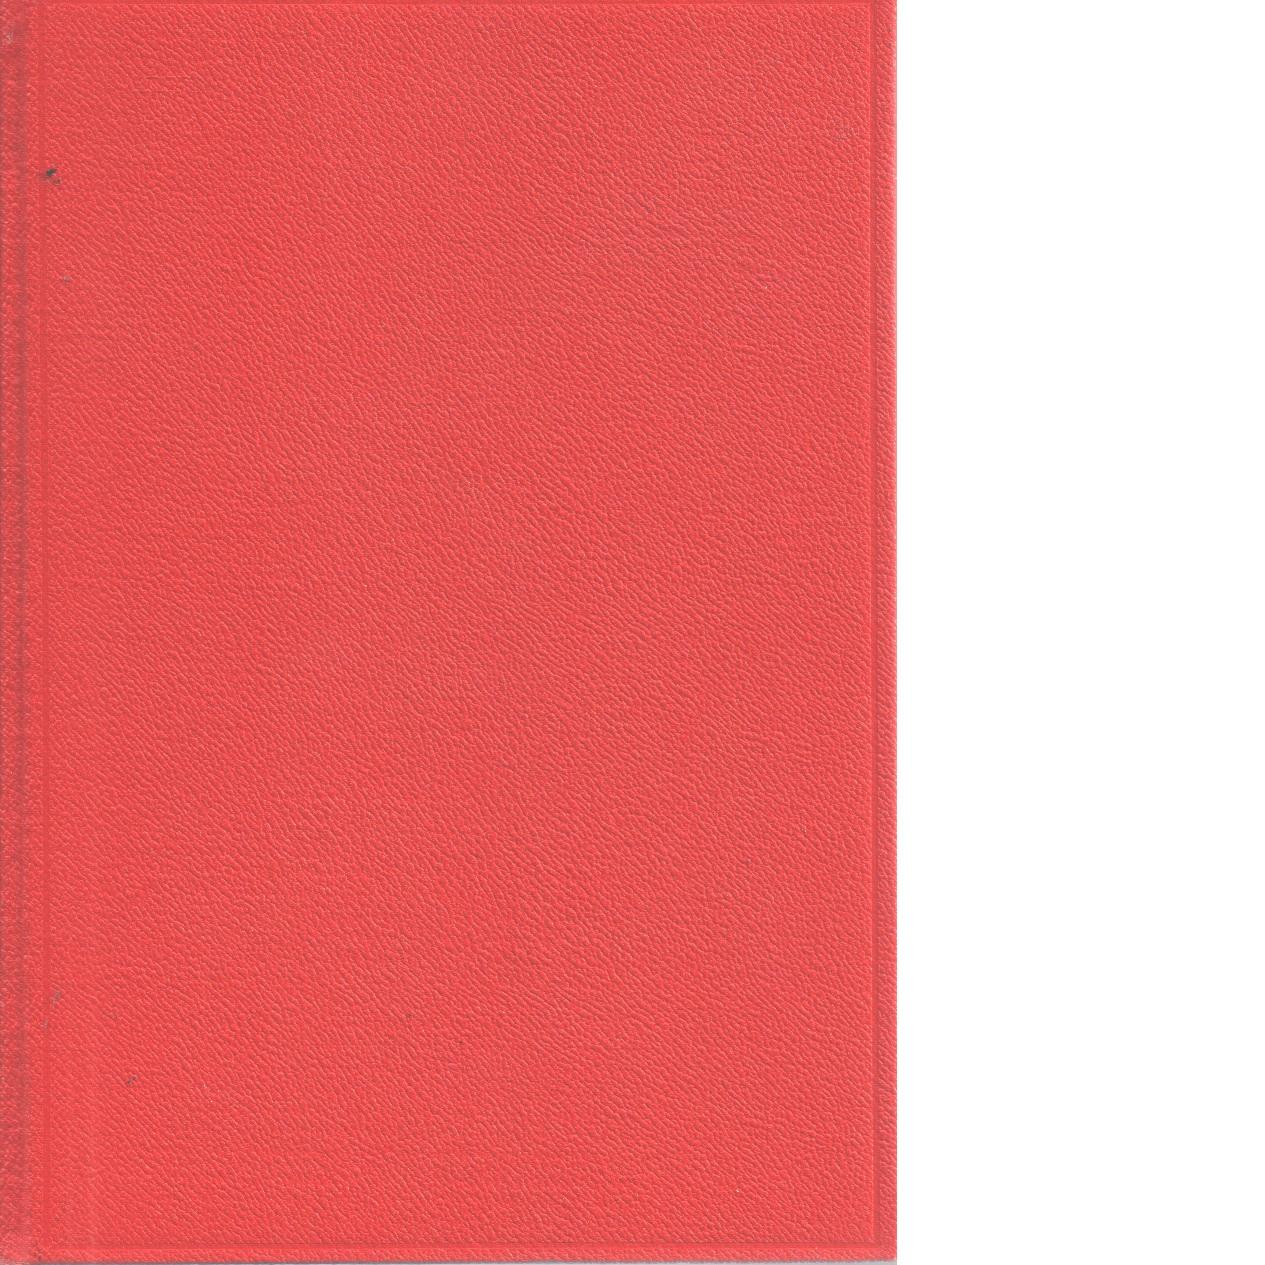 Teknik och hobby Bd 3 I-L - Red.